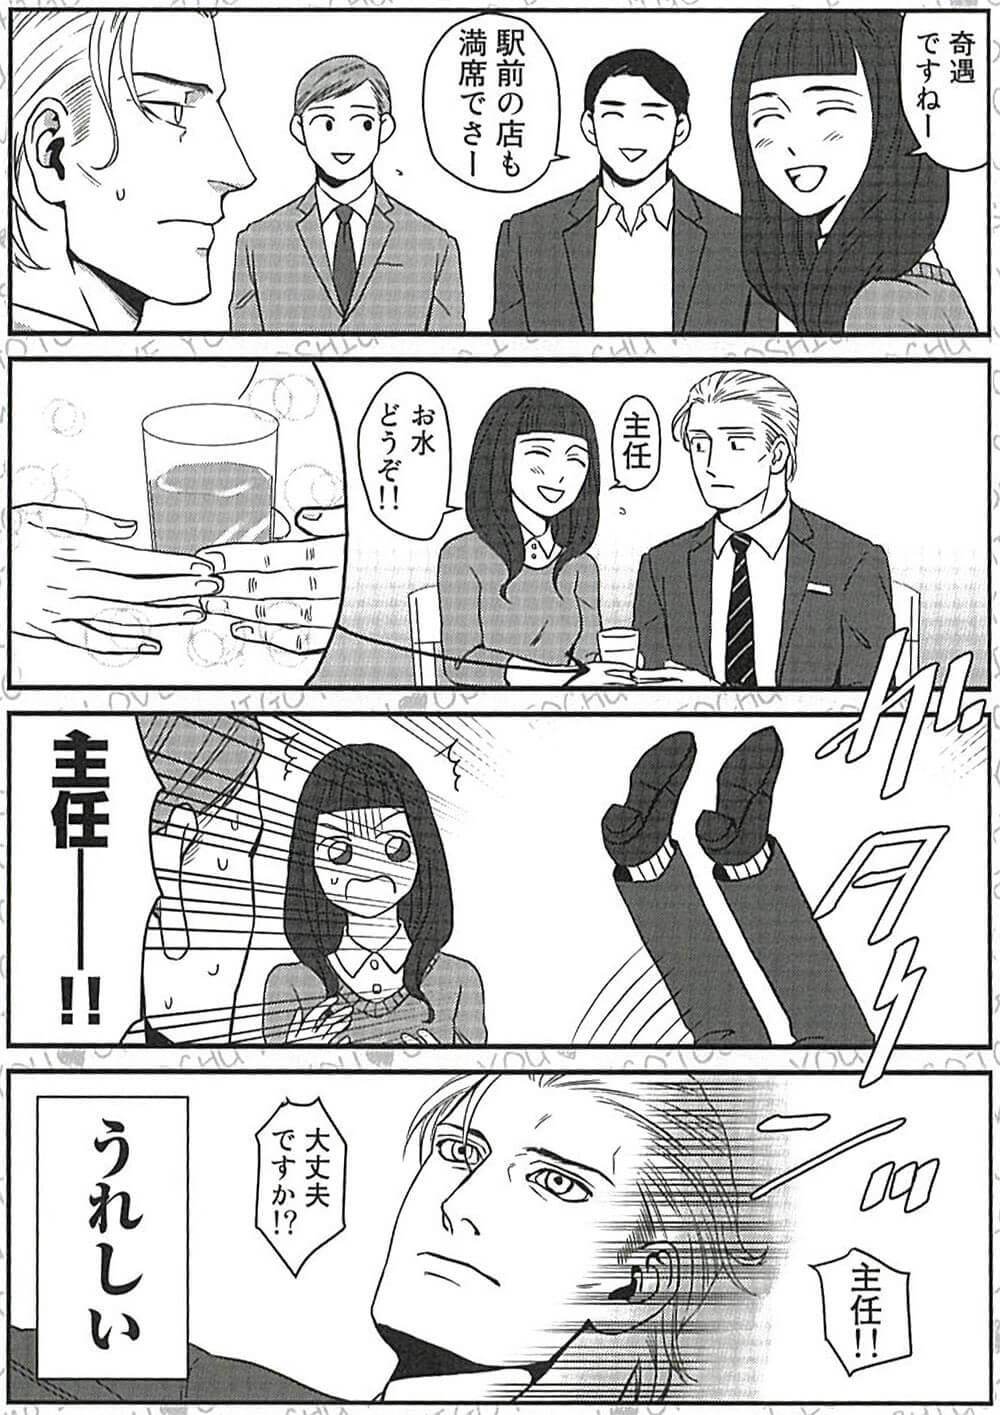 上司が新入社員に恋する漫画3-4